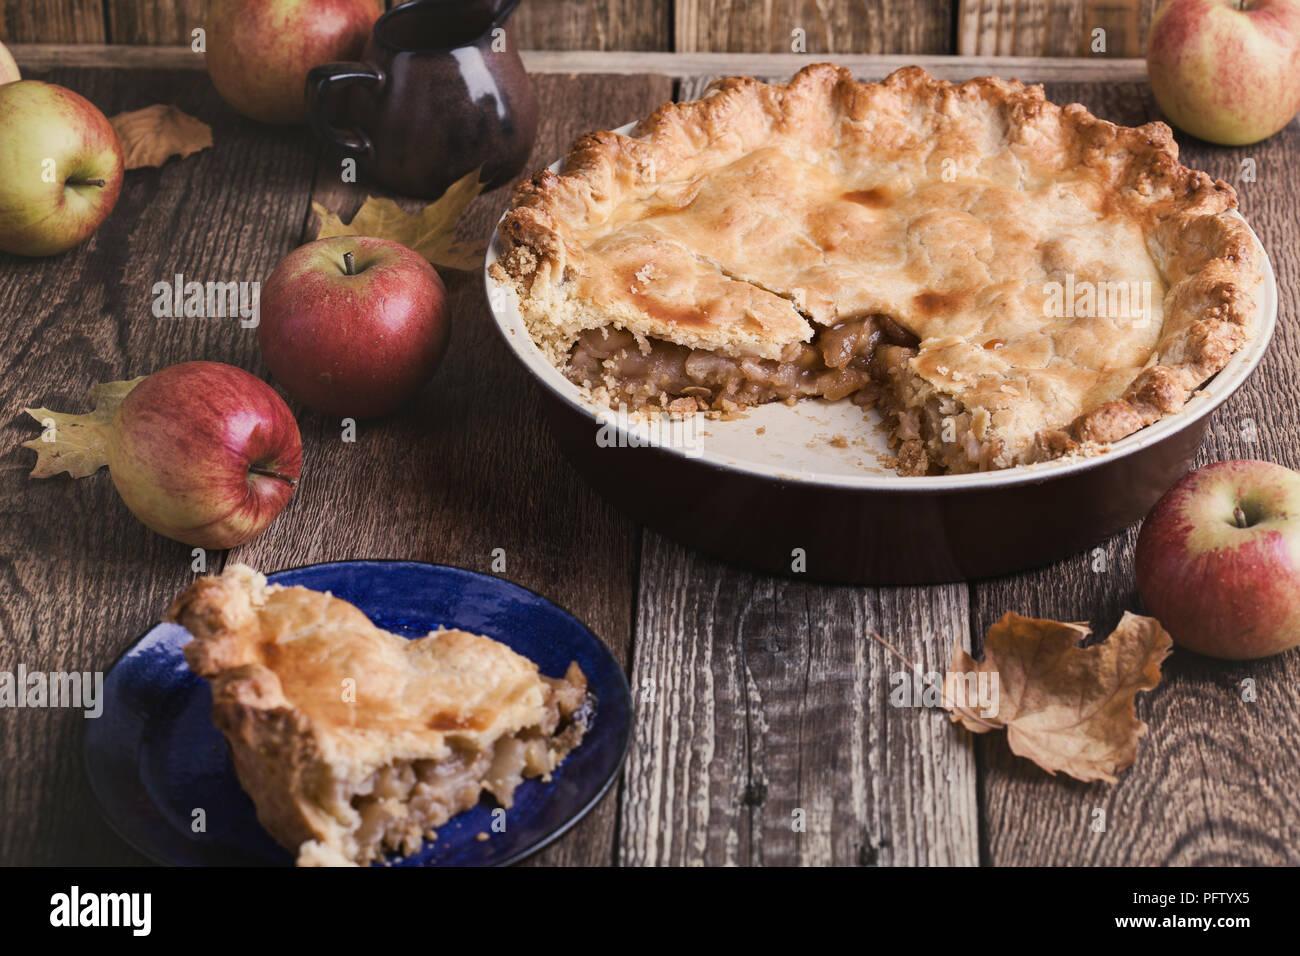 Tarte aux pommes fraîches et retiré de la coupe sur table en bois rustique Photo Stock